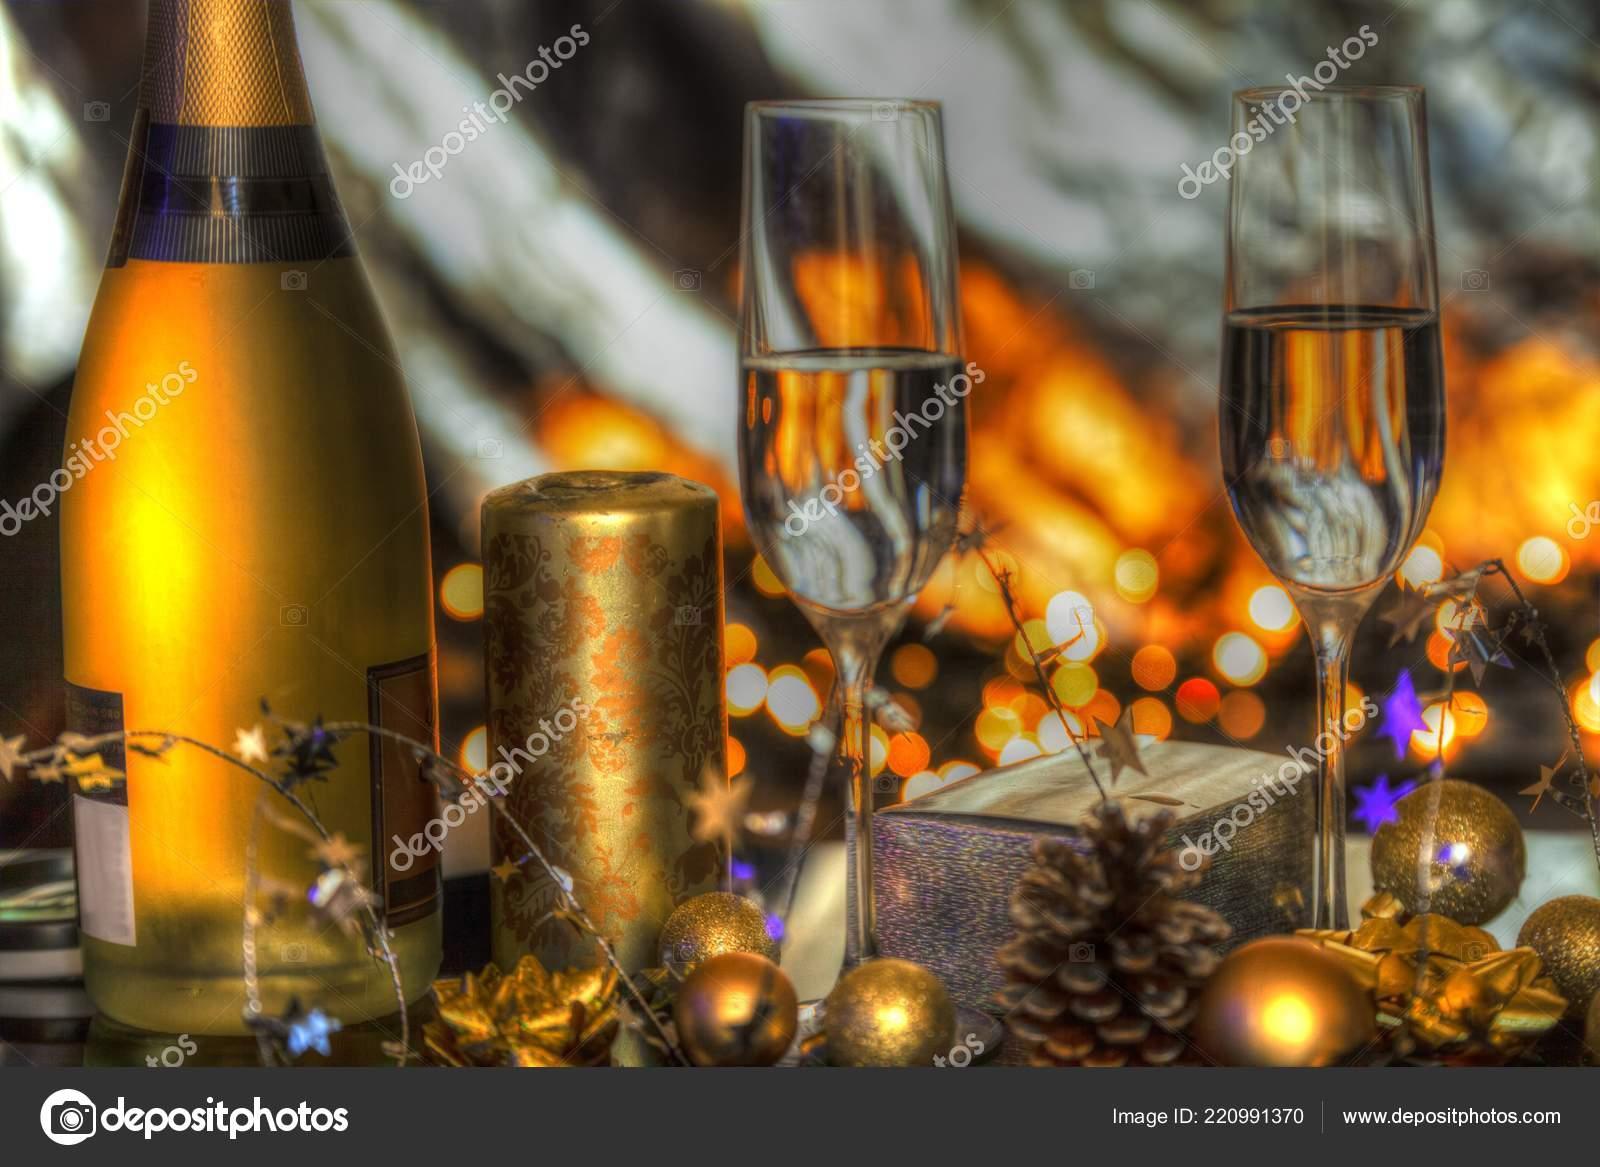 Christbaumkugeln Champagner Glas.Weihnachts Dekoration Mit Champagner Gläser Christbaumkugeln Kerzen